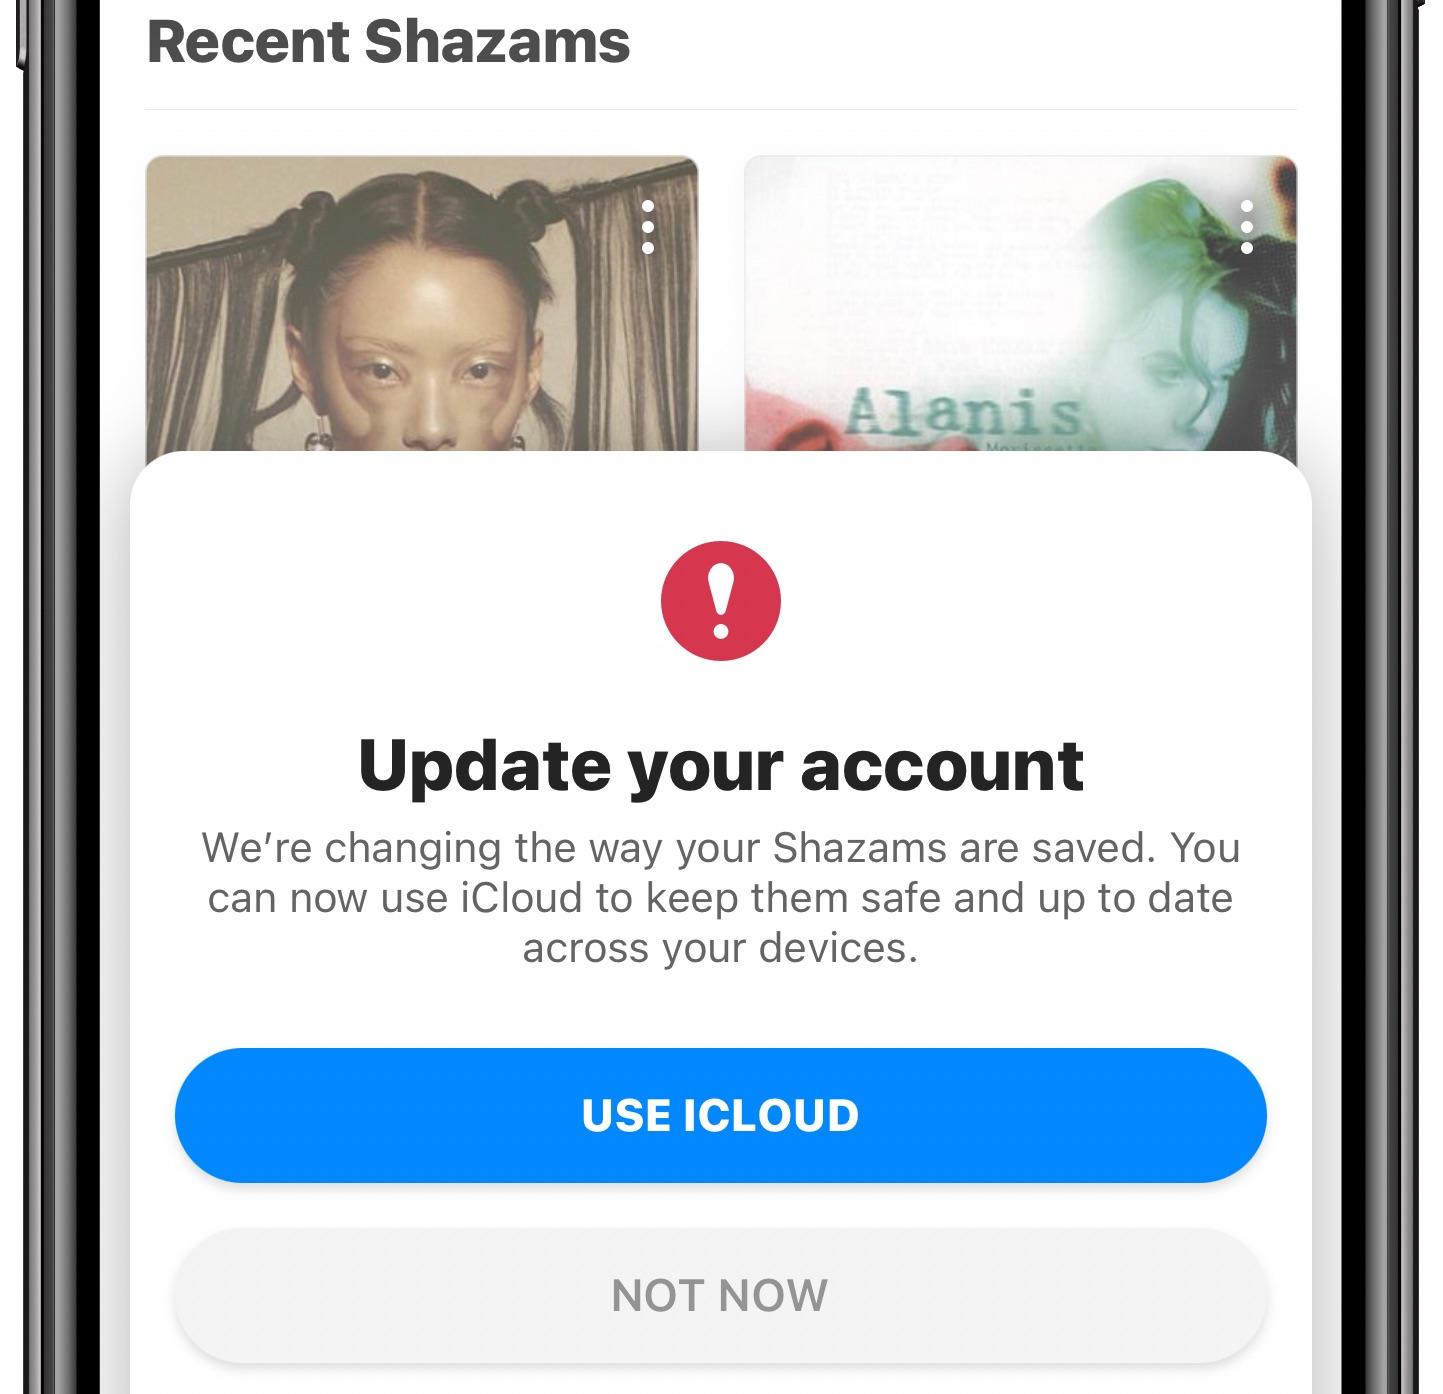 Shazam_iCloud_sync_teaser_001.jpg